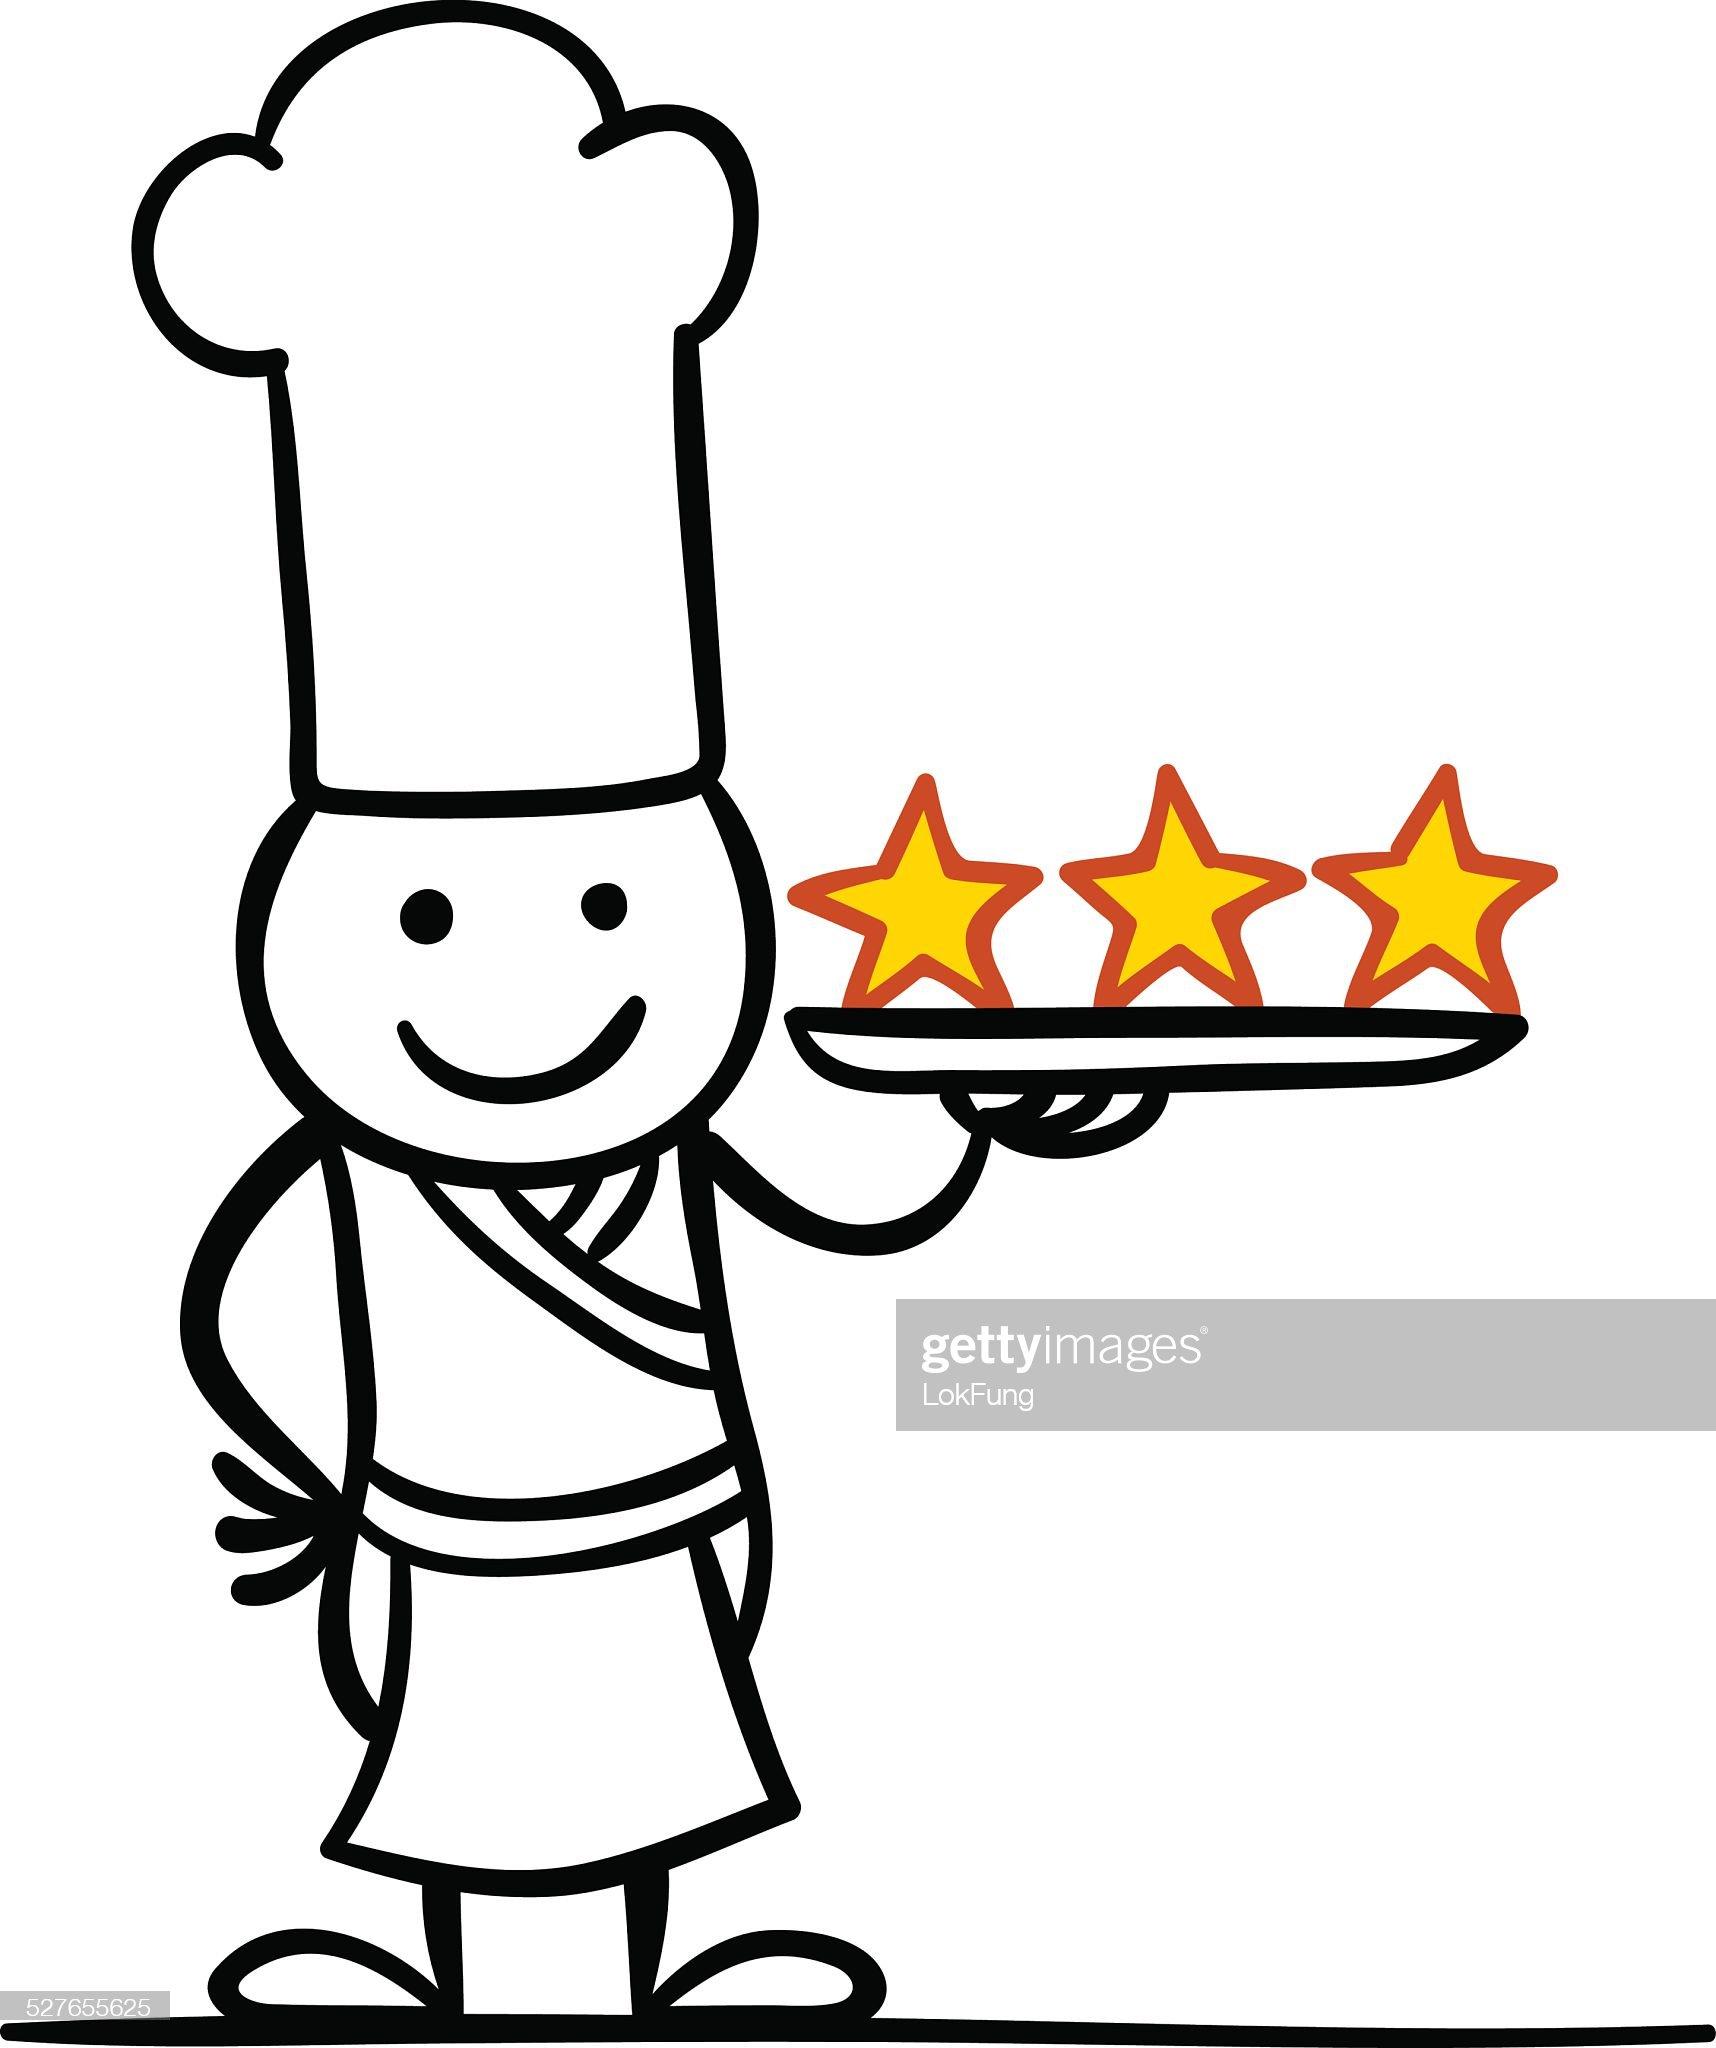 Tre stelle chef : Illustrazione stock